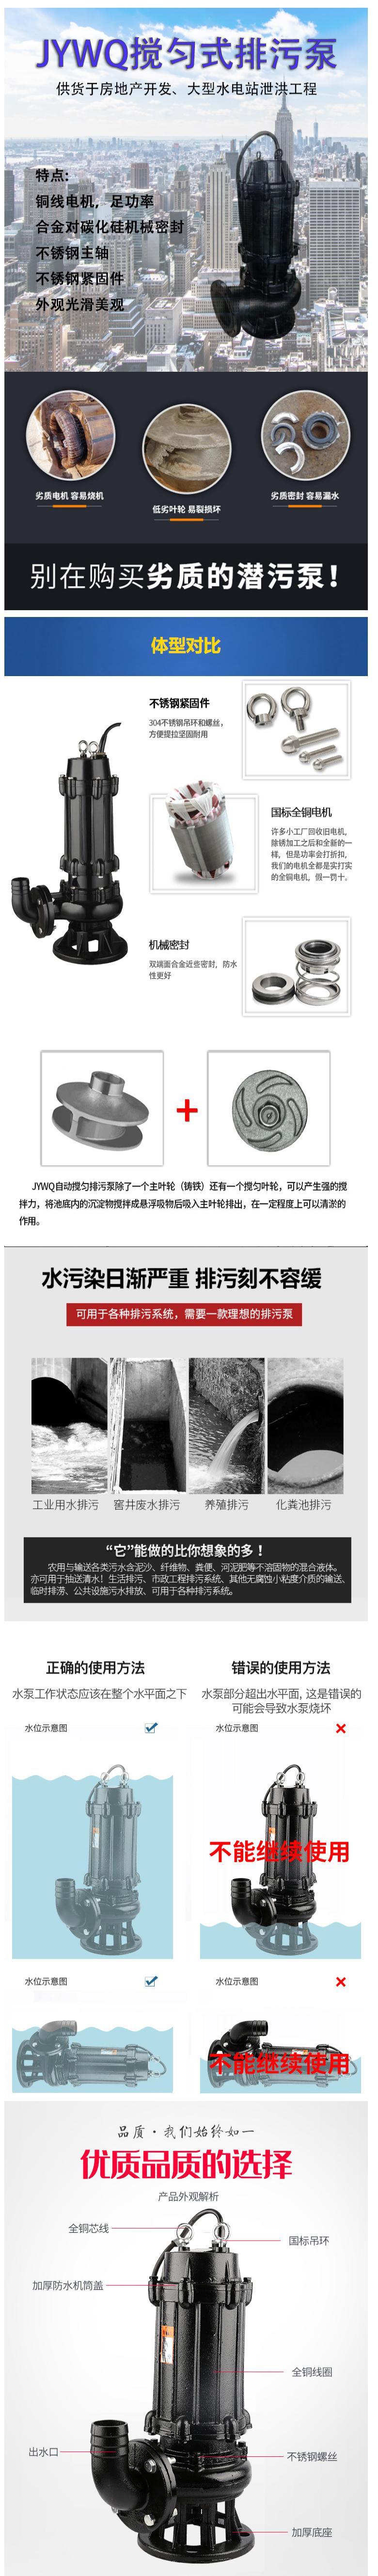 WQJY型搅匀式污水泵01.jpg